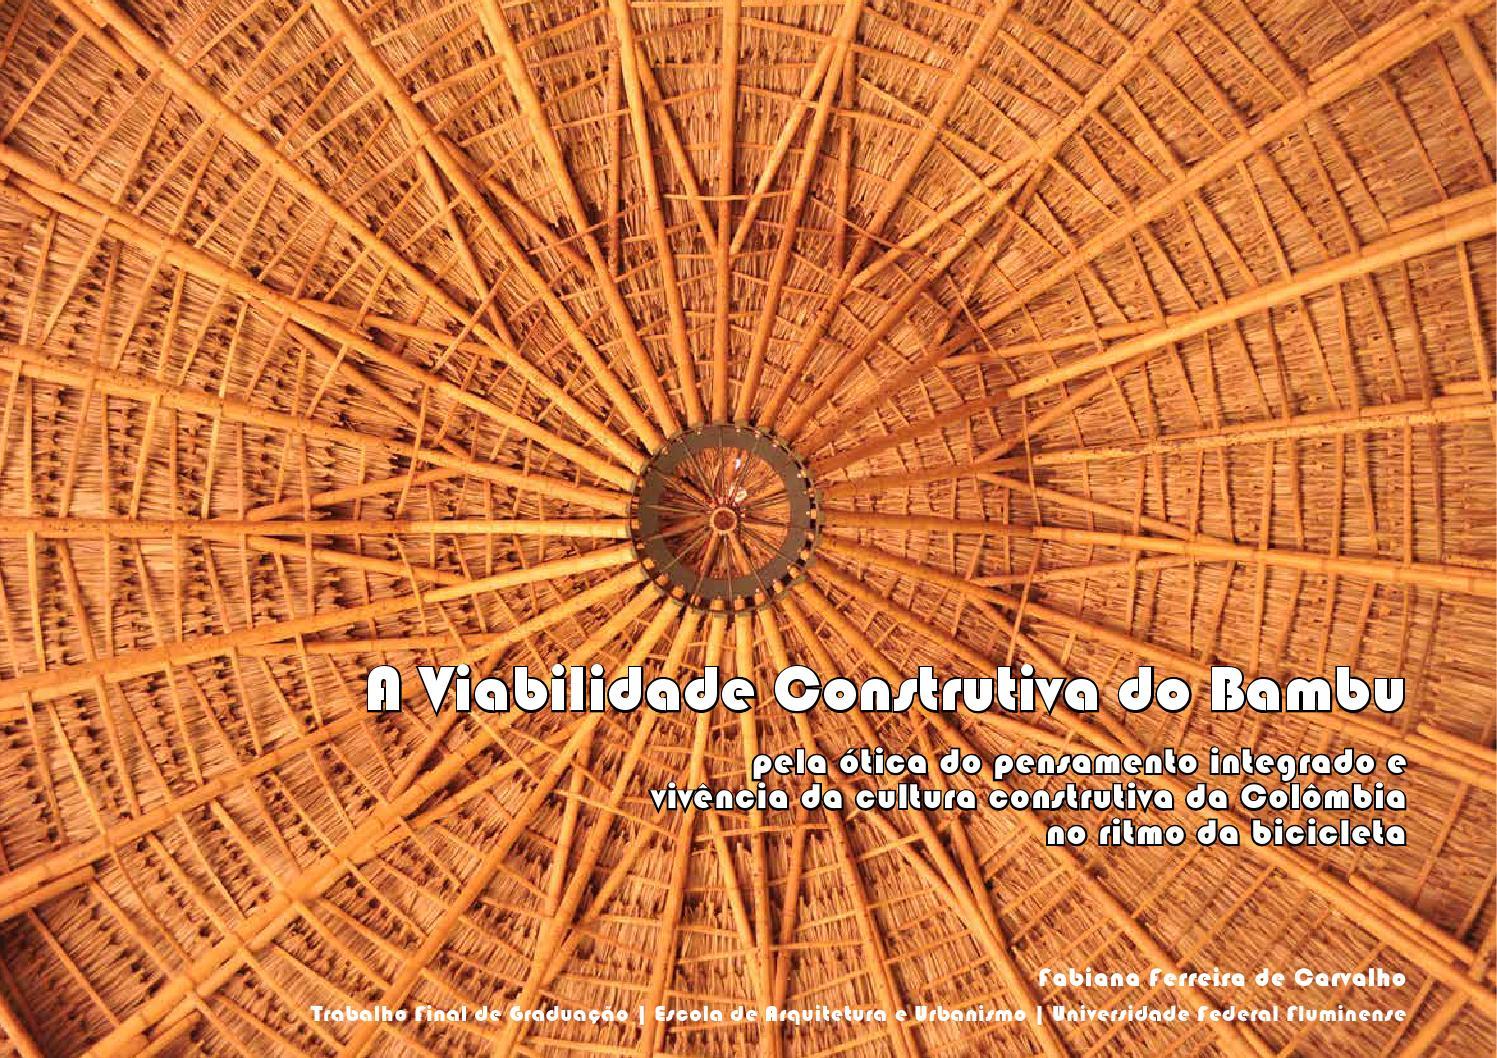 80b6beeb1a4a5 A Viabilidade Construtiva do Bambu